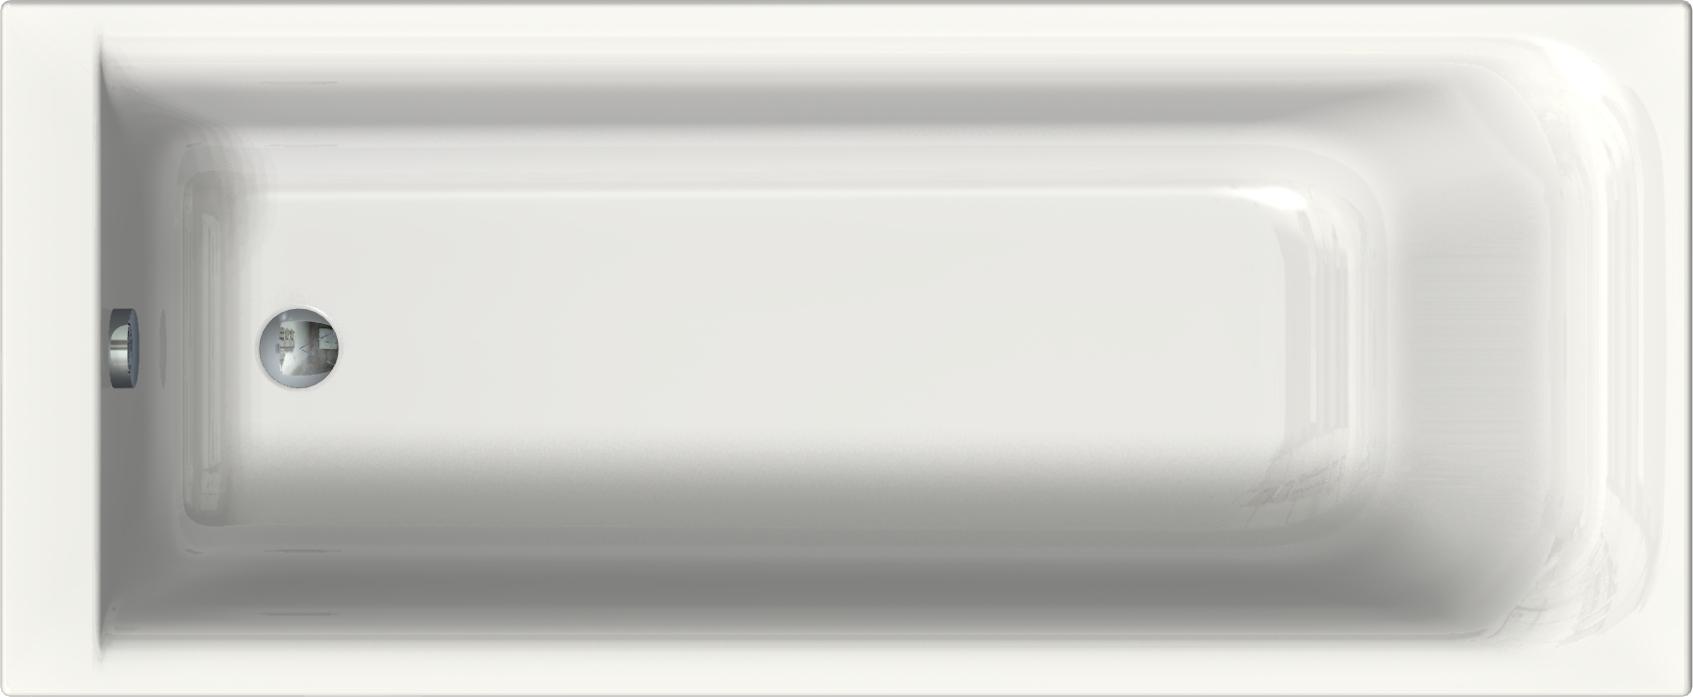 Kolo Rekord - pravoúhlá vana 160 x 70 cm XWP1660000